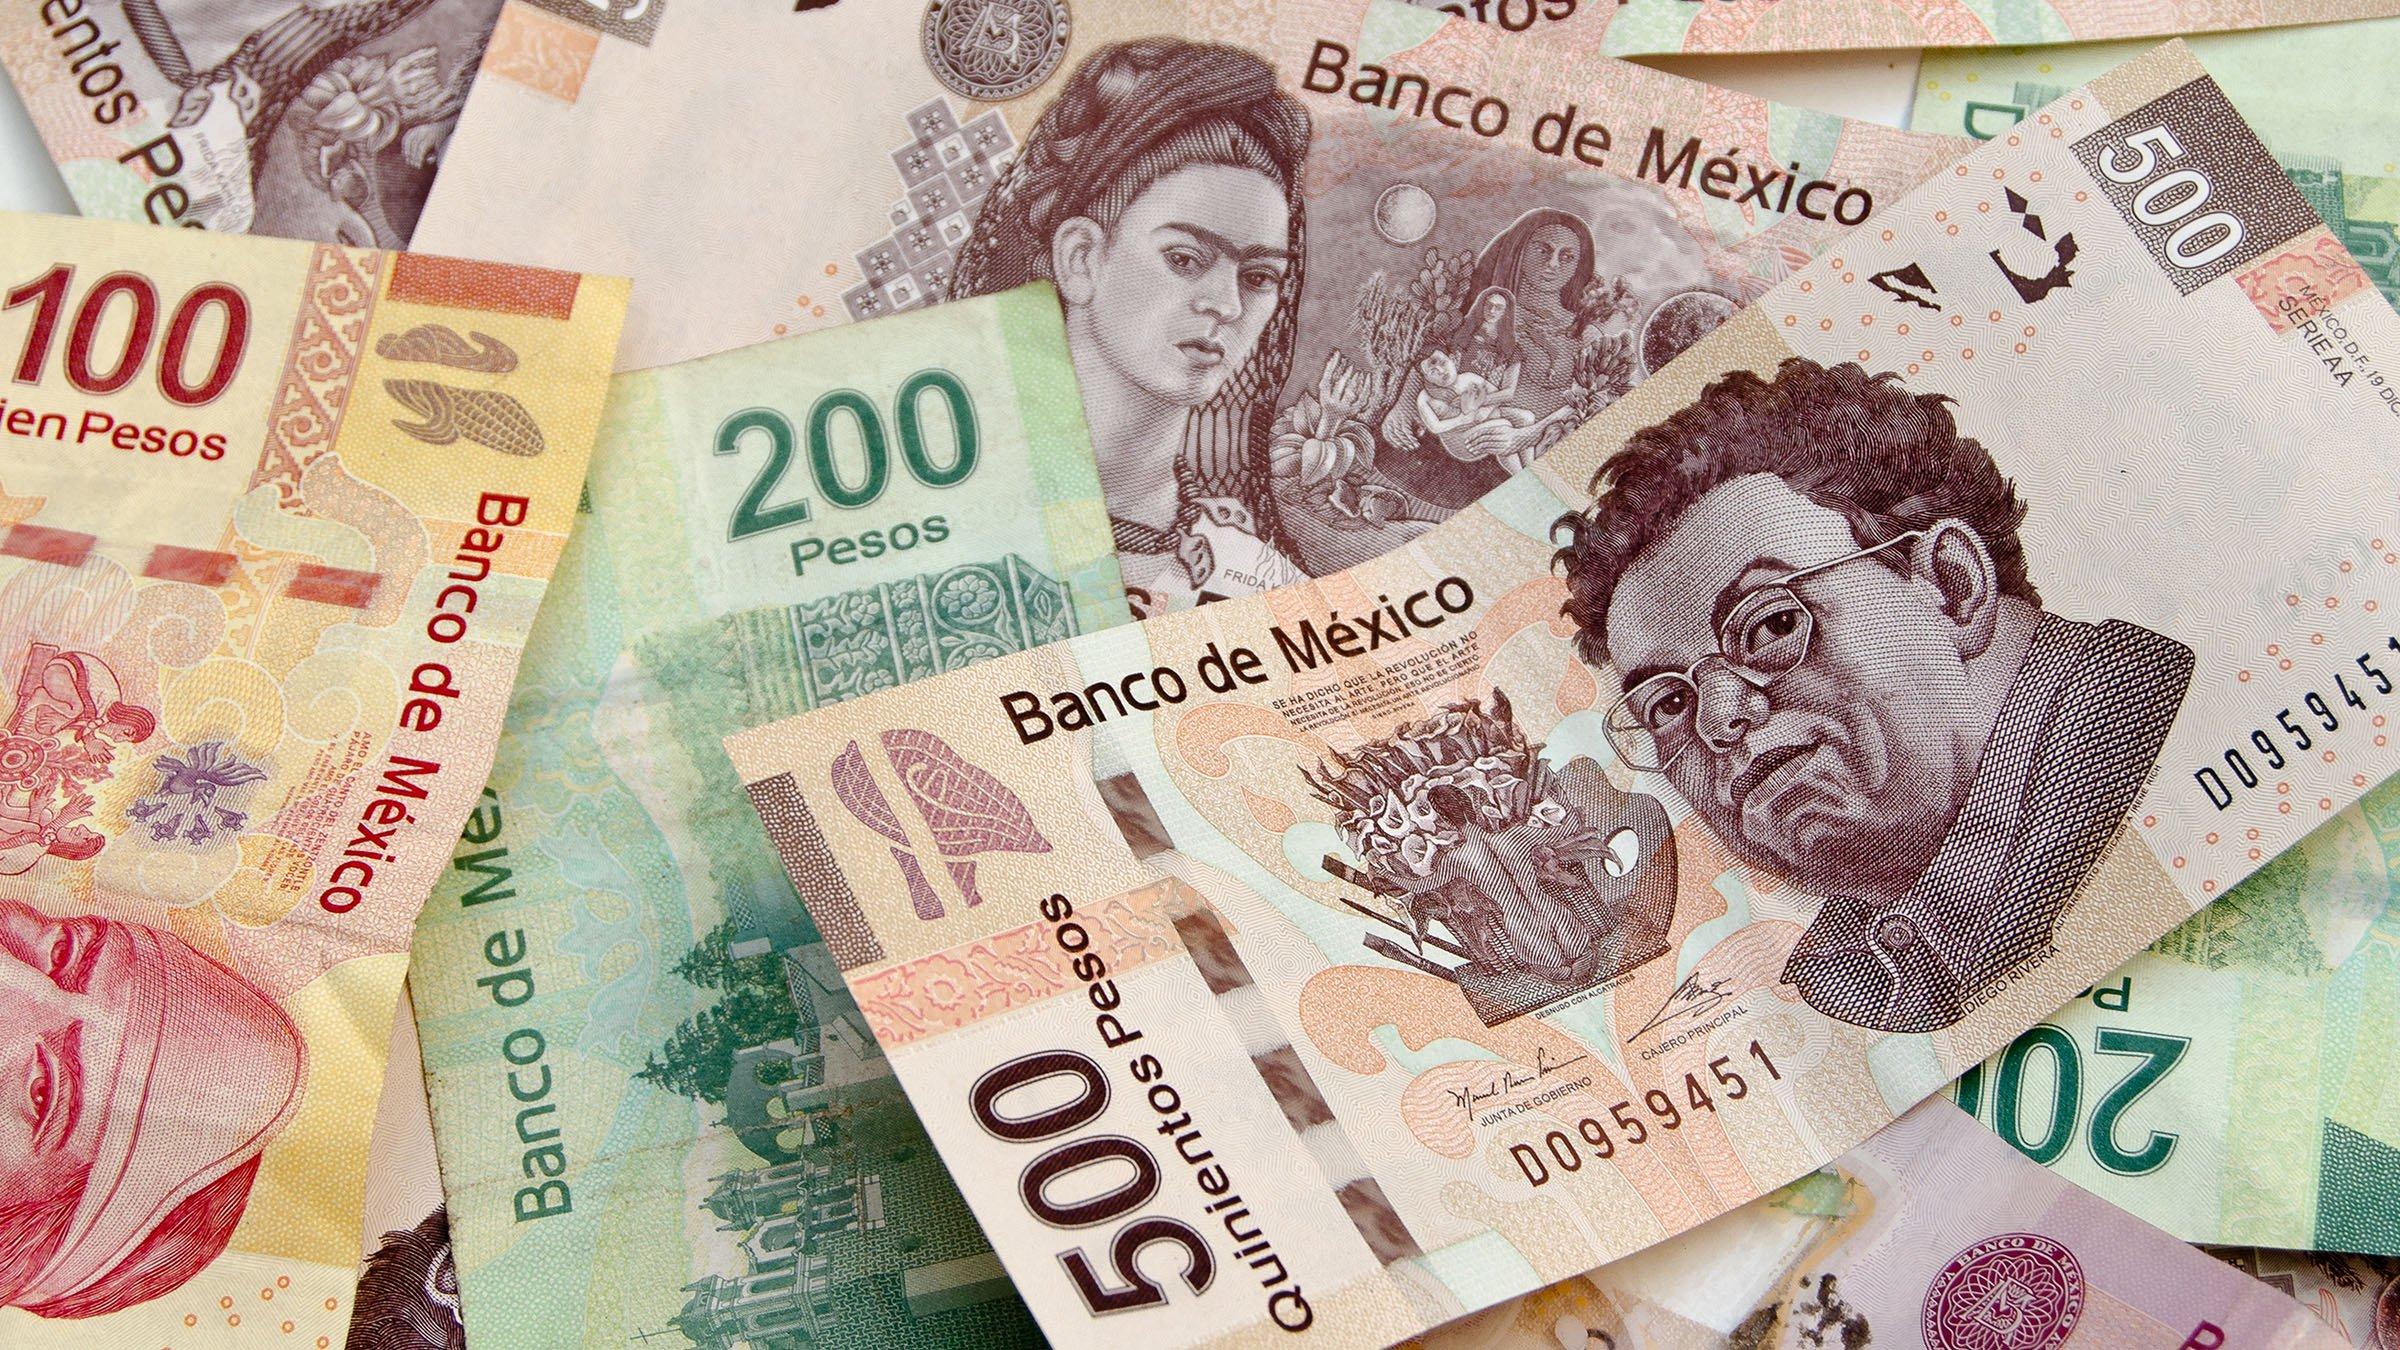 Peru (auf Quechua Piruw Republika, Aymara Piruw Suyu, spanisch República del Perú, amtlich Republik Peru) ist ein Staat im westlichen Südamerika und grenzt im Norden an Ecuador und Kolumbien, im Osten an Brasilien, im Südosten an Bolivien, im Süden an Chile und im Westen an den Pazifik.